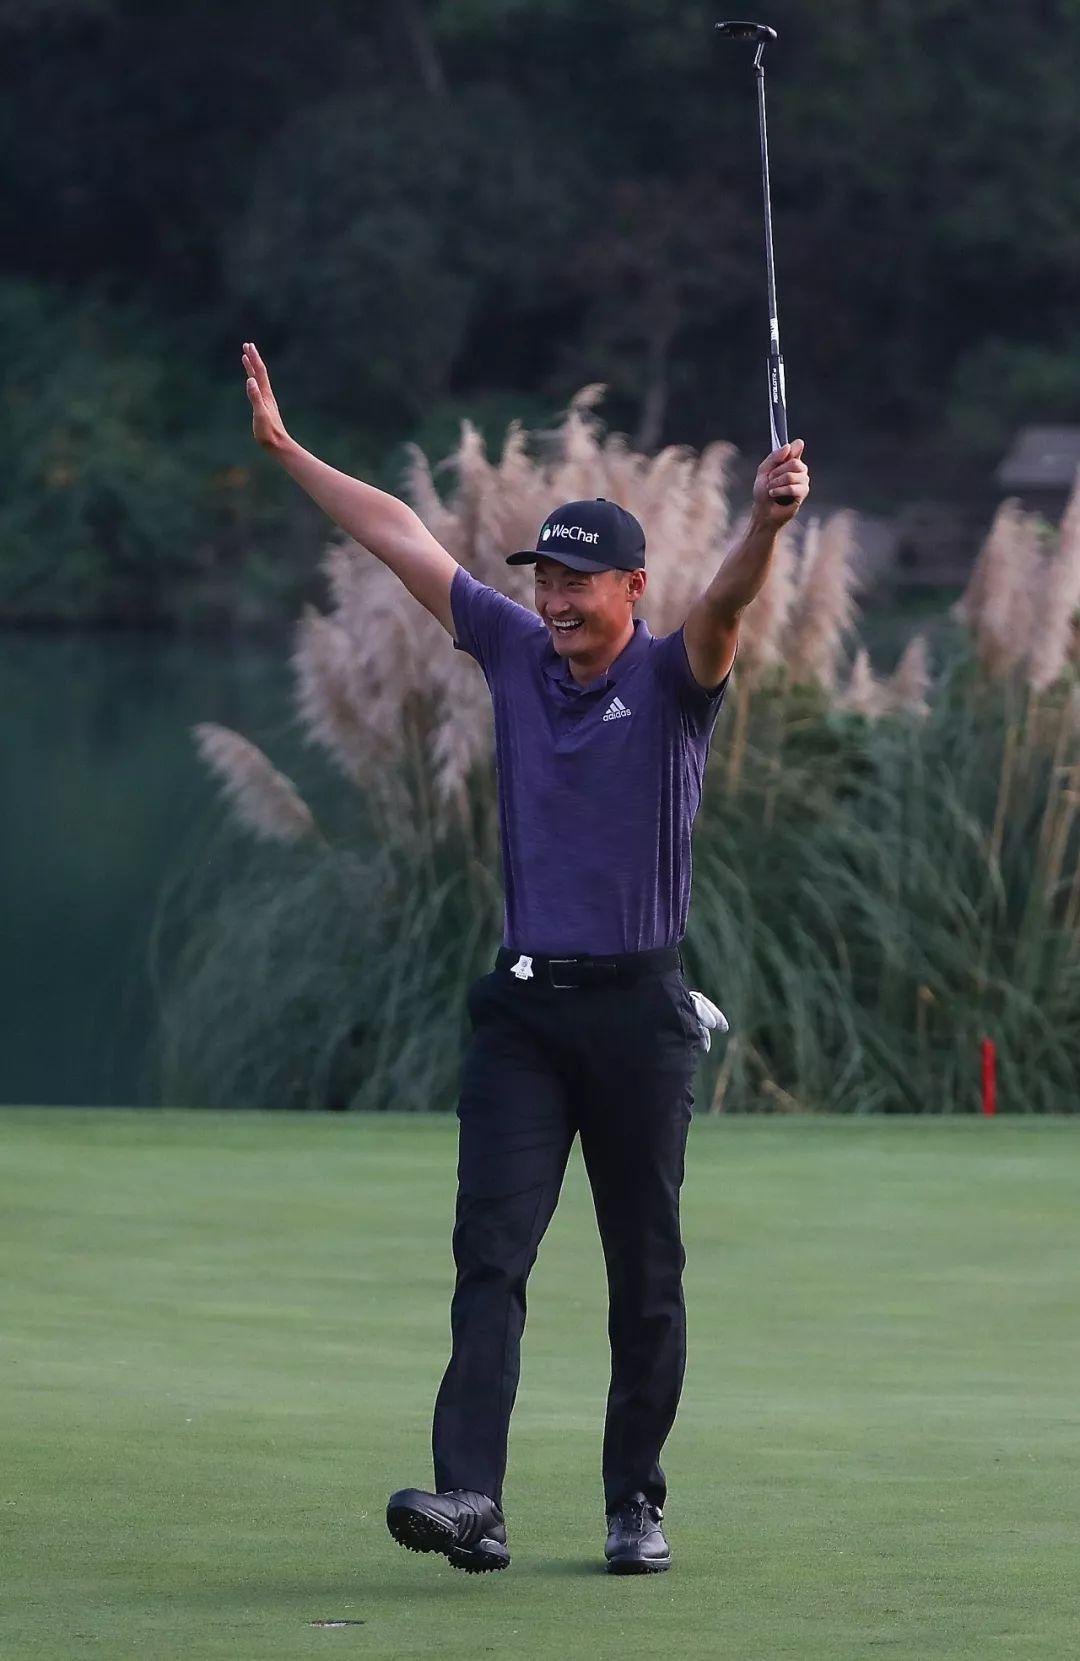 总奖金千万美元的高尔夫比赛,明日正式在中国上海开打!